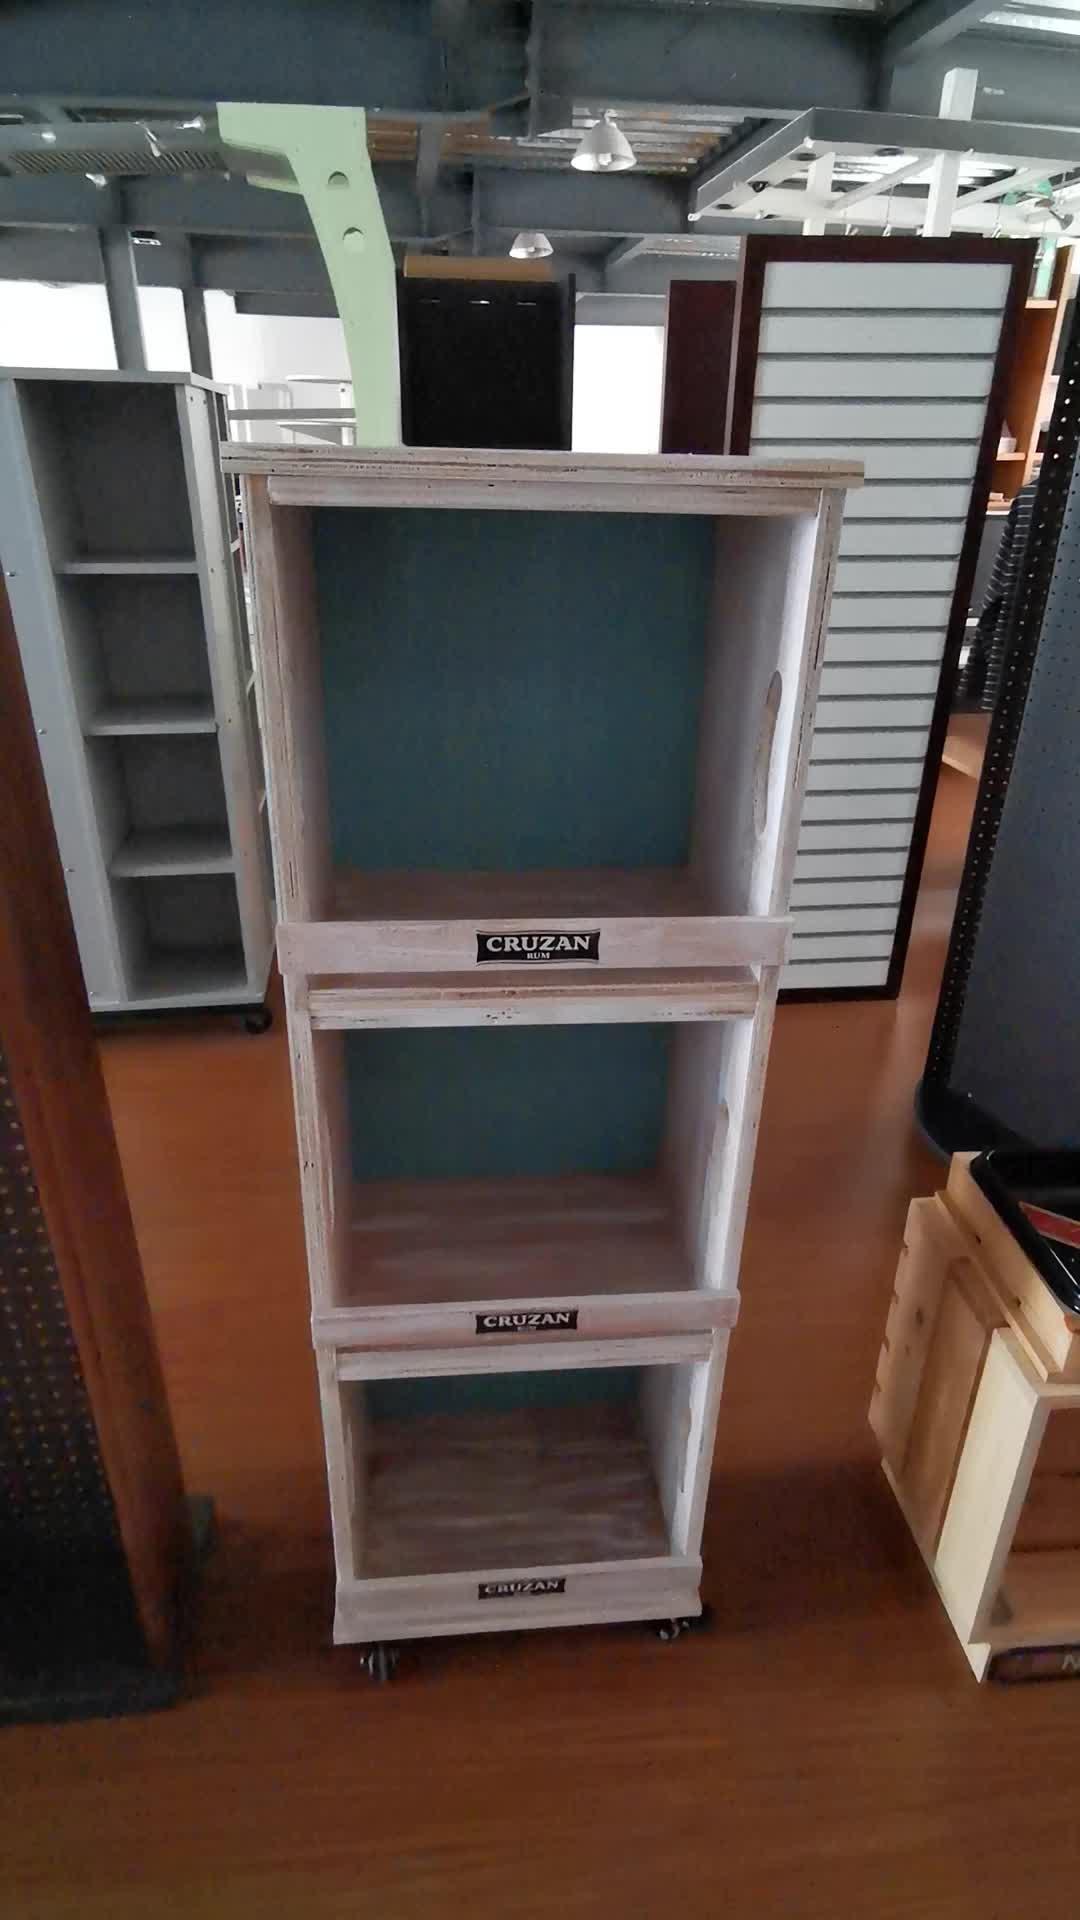 القابلة للإزالة 4 الجانب الدائر slotwall الخشب رف عرض المستحضرات التجميلية مع عجلات